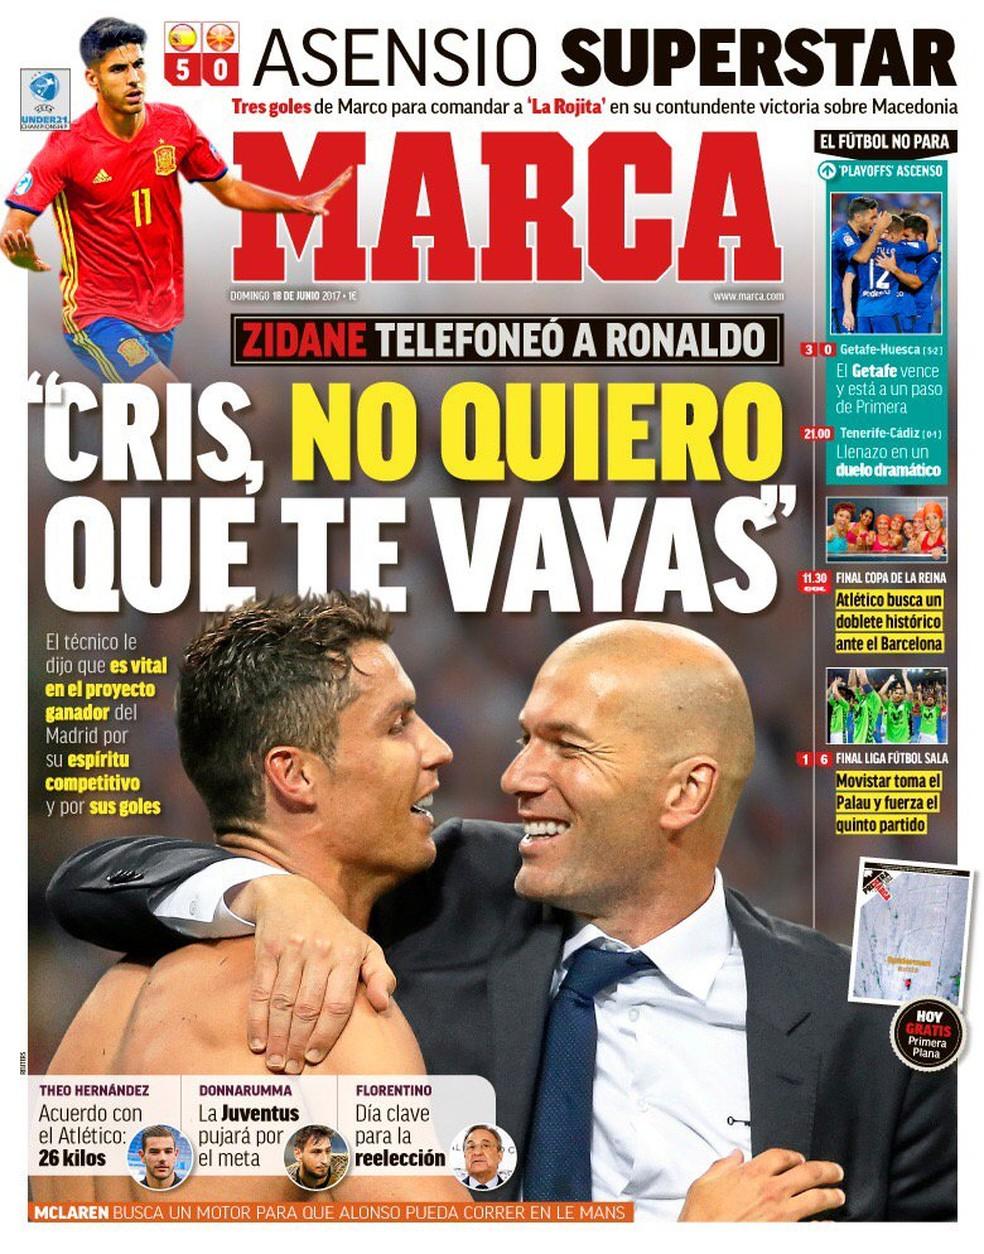 Zidane teria ligado para Cristiano Ronaldo (Foto: Reprodução/Marca)